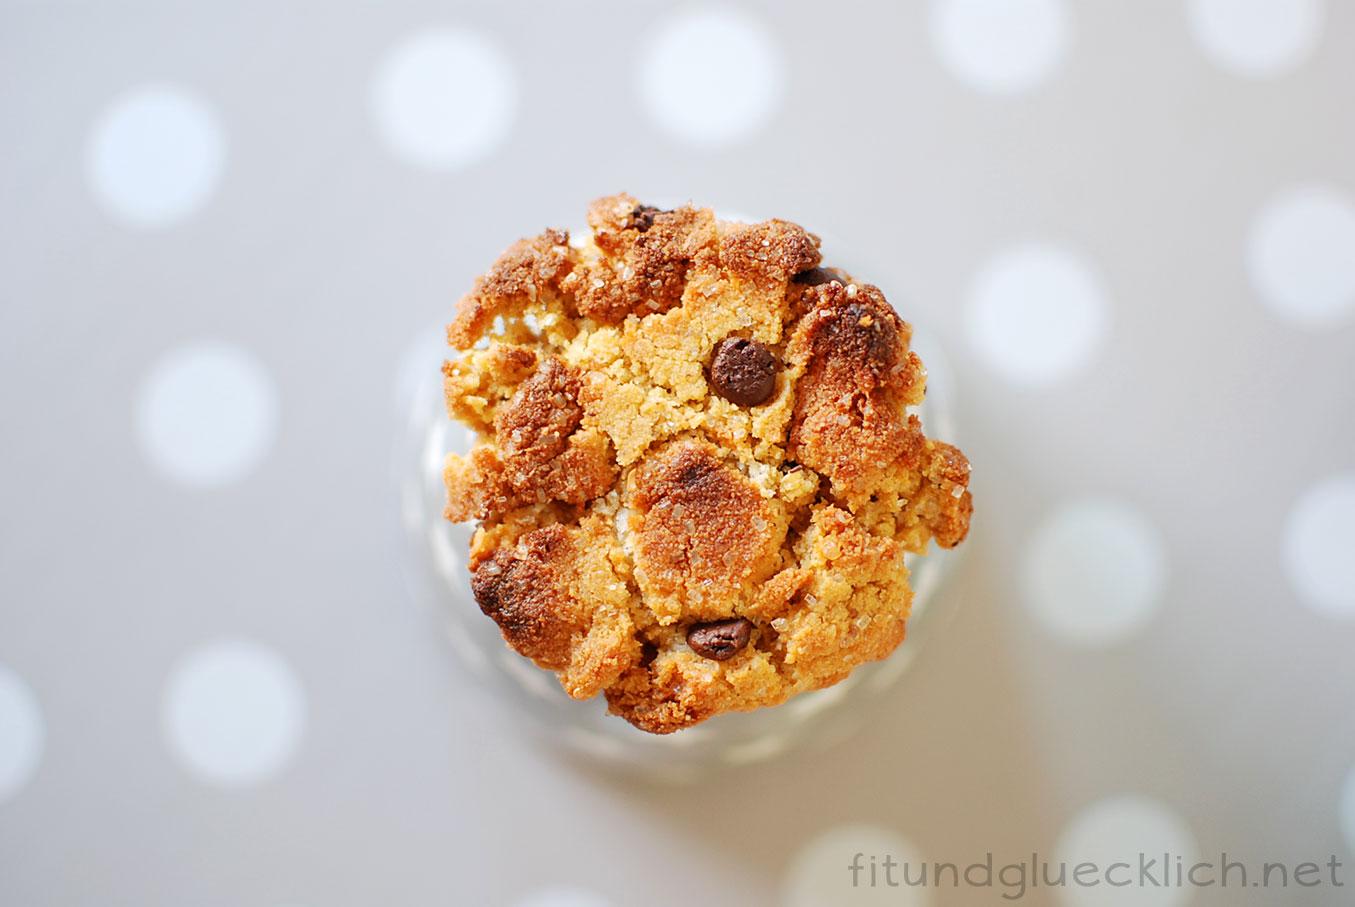 chickpeas, kichererbsen, cookies, kekse, fitundgluecklich.net, gesund, clean eating, healthy